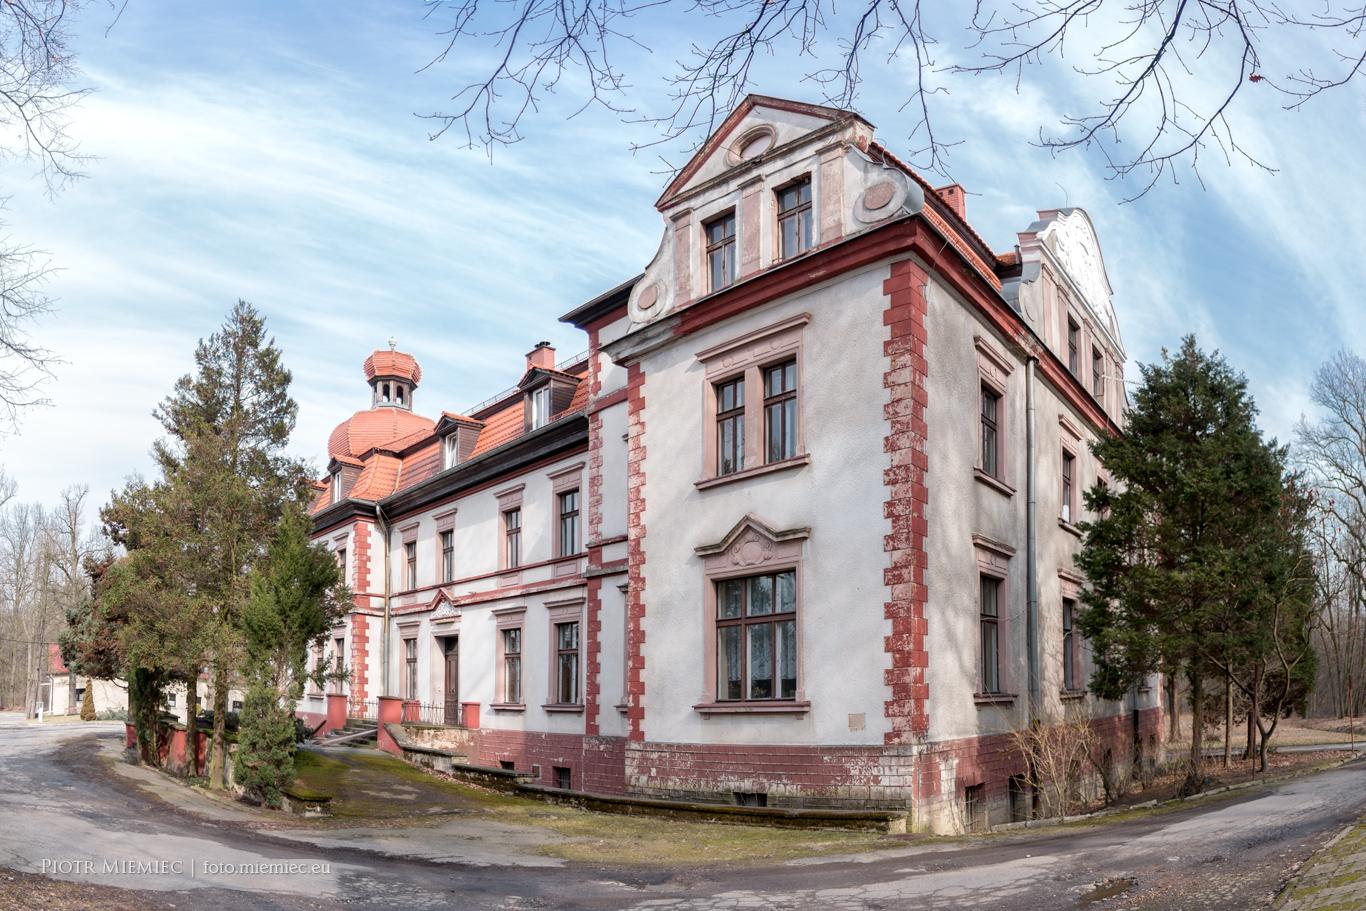 Miedary pałac - 1